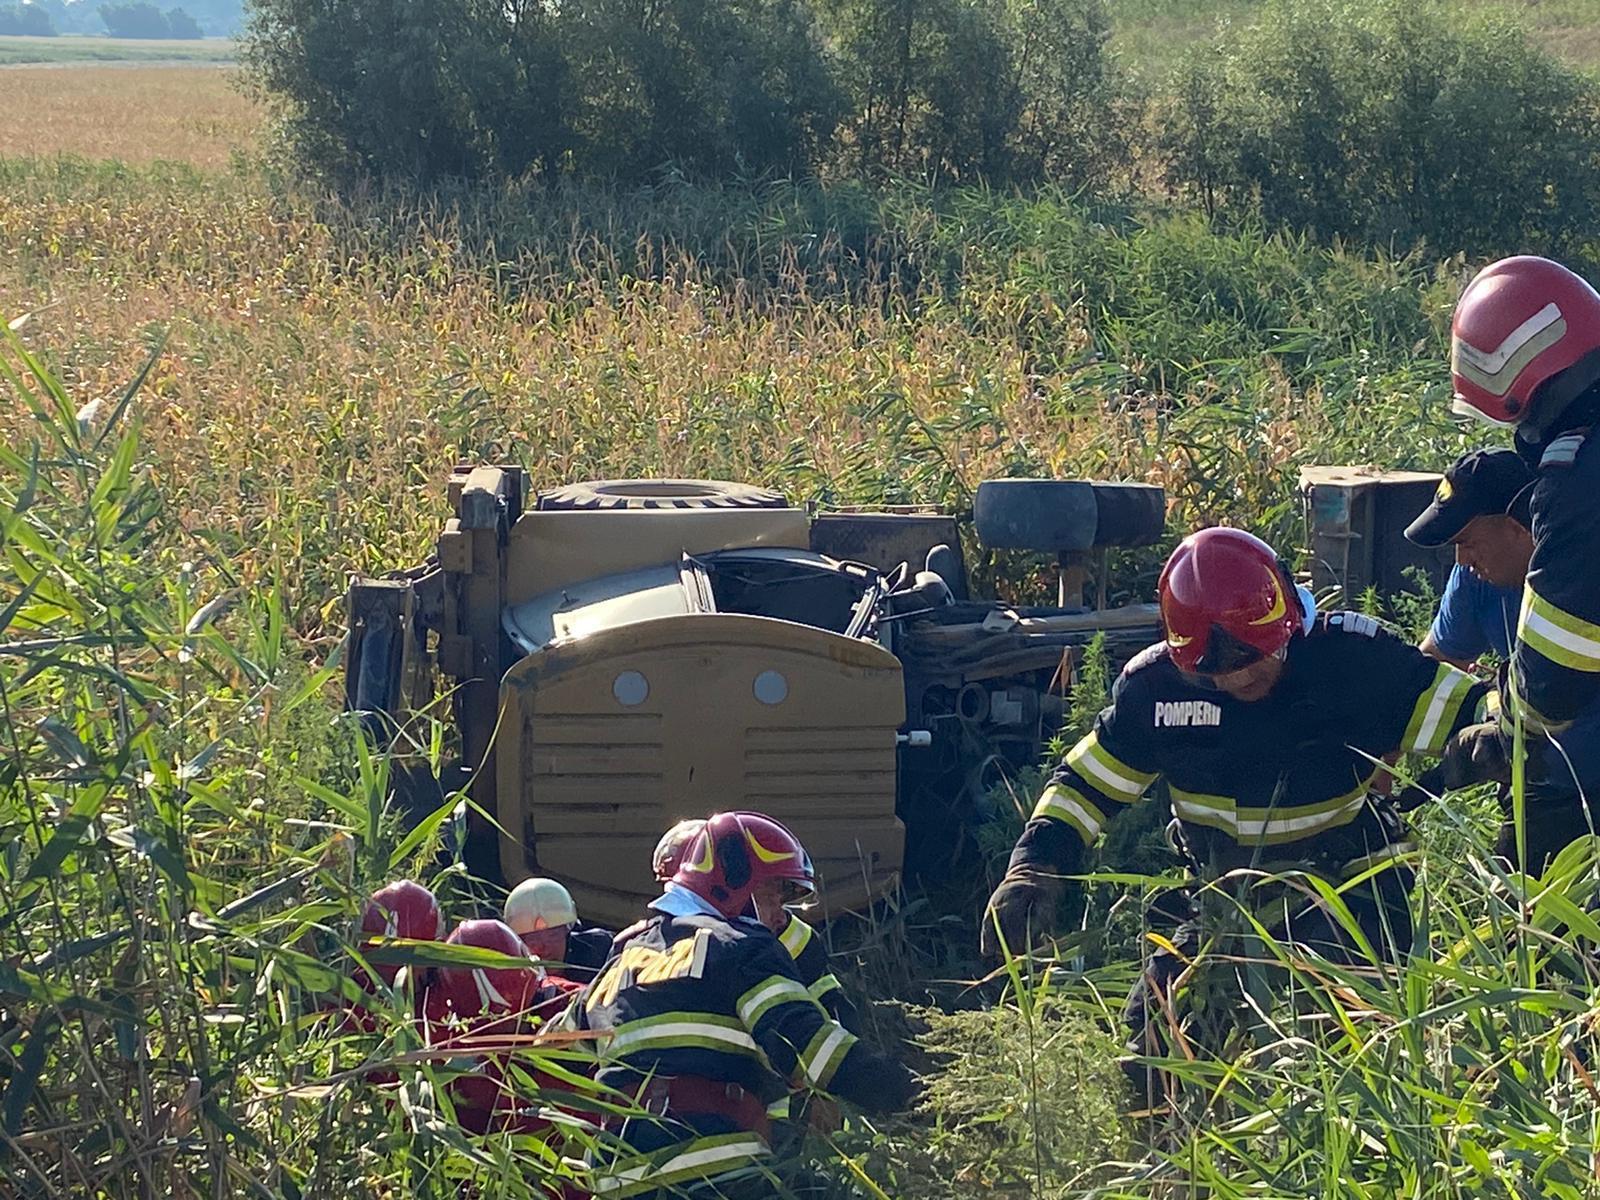 Excavator răsturnat la Nufăru, doi bărbați blocați în cabină